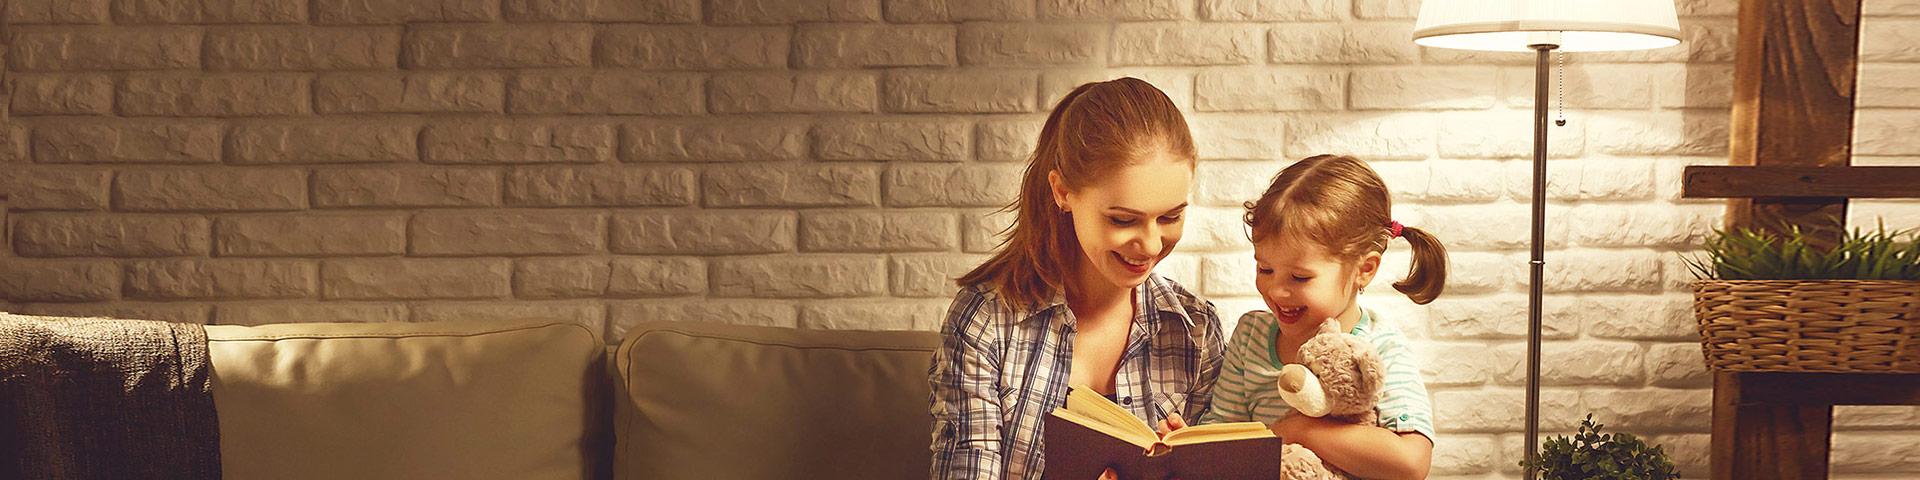 Frau mit Kind Buch